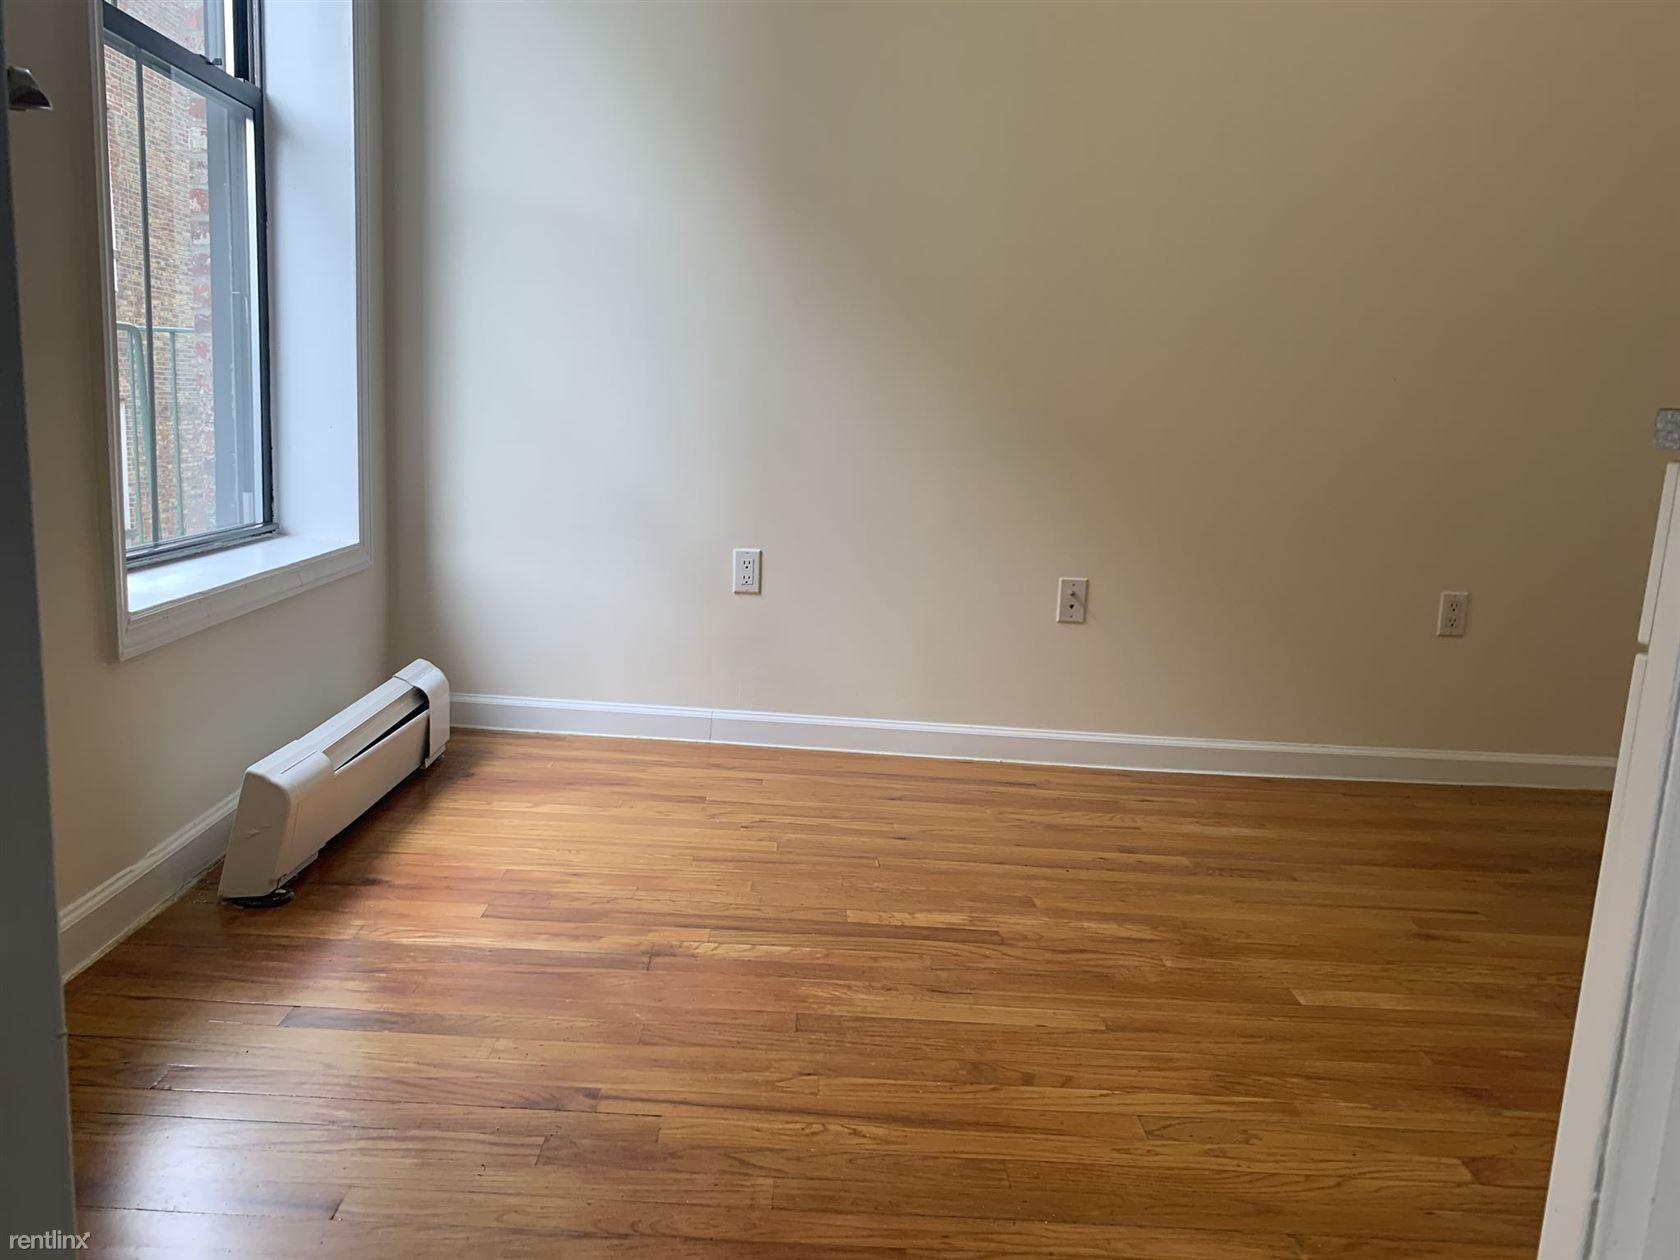 53 W 72nd St, New York, NY - $2,150